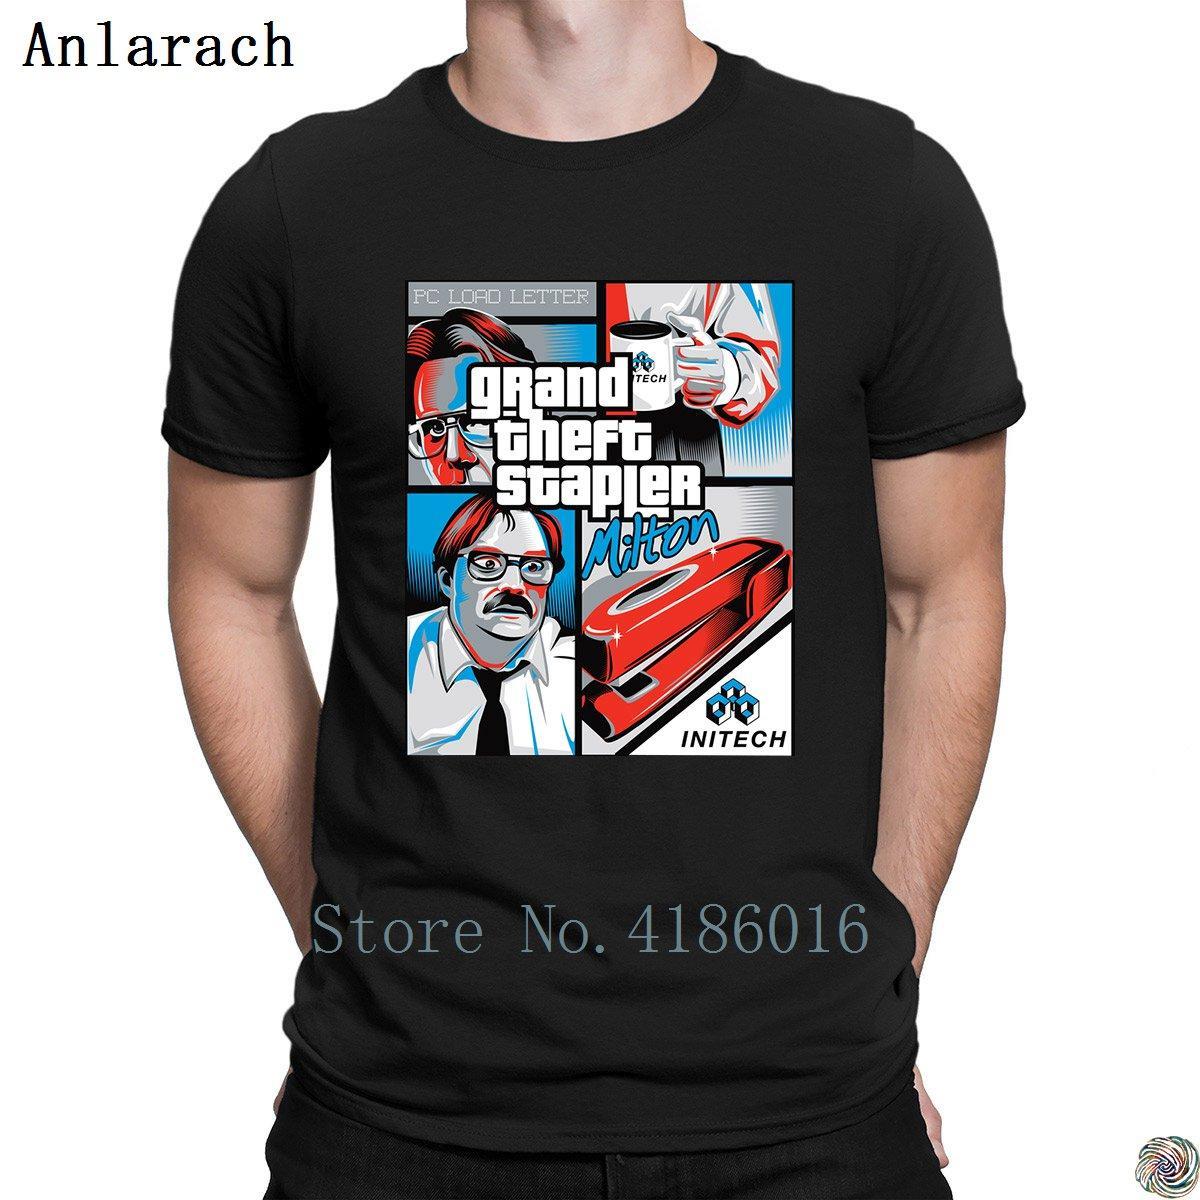 Grand Theft t-shirt grampeador Pop Top Tee Customize Camisa bonito confortável t para os homens traje Tendência 2018 tamanhos Anlarach grandes